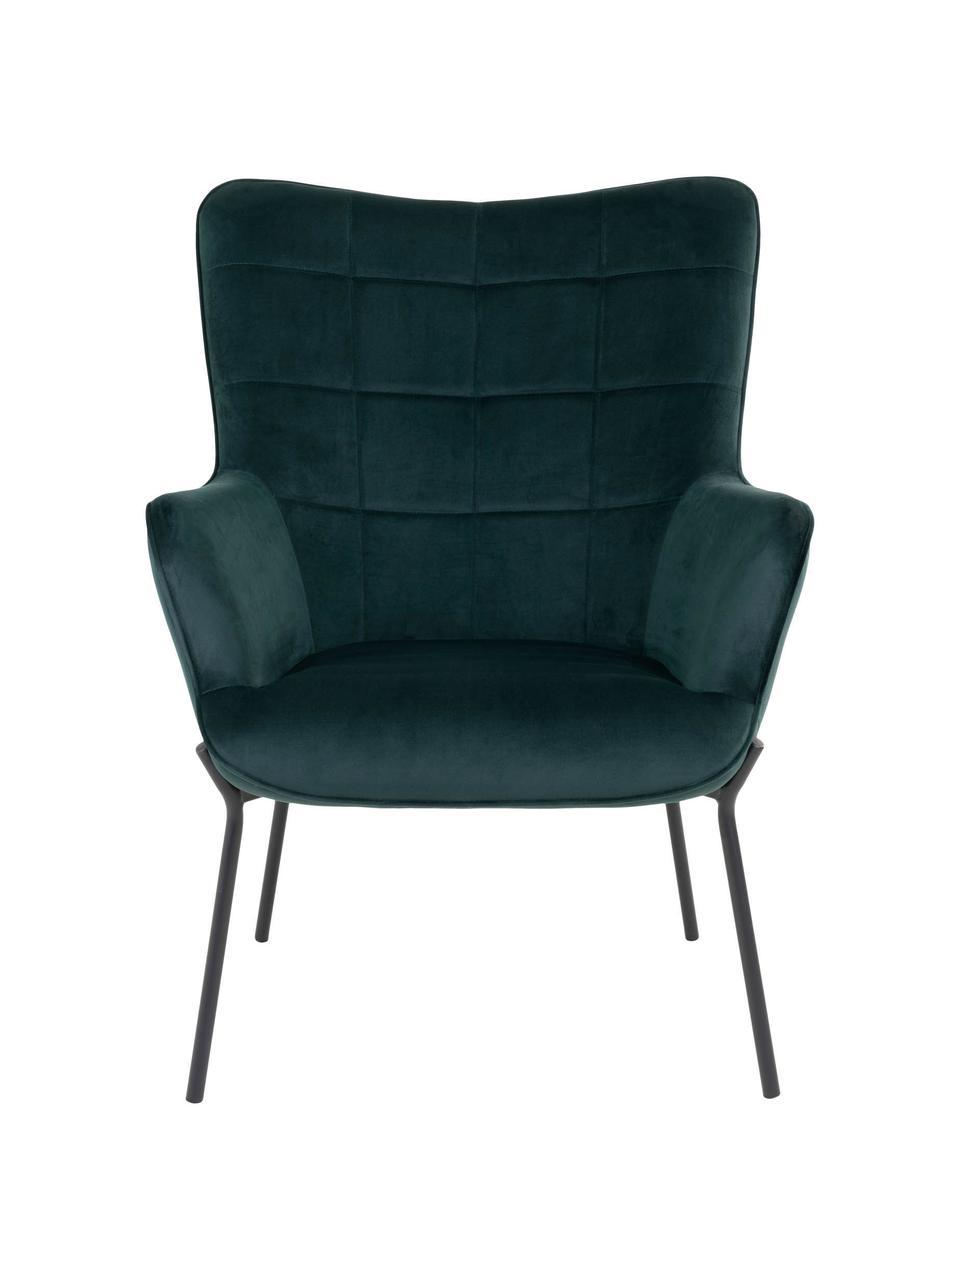 Fotel z aksamitu Glasgow, Tapicerka: 100% aksamit poliestrowy, Nogi: metal powlekany, Ciemnyzielony, S 70 x G 79 cm